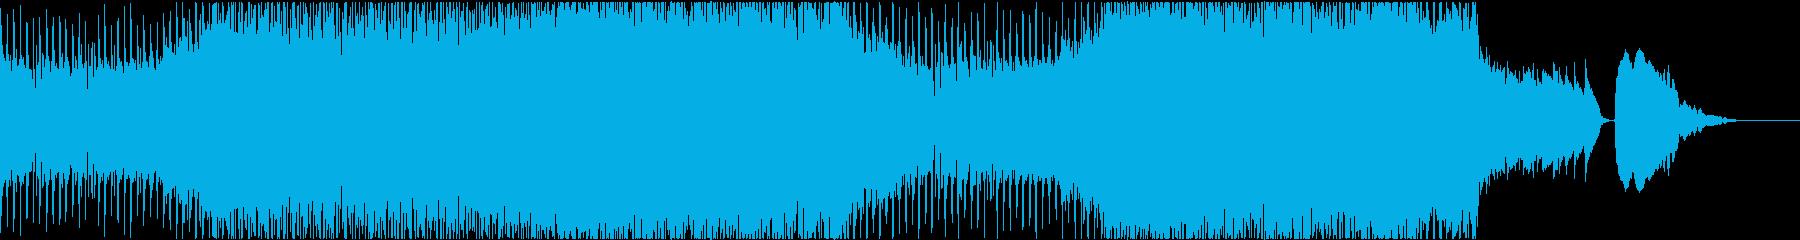 ギターやドラム・オルガンを使用したロックの再生済みの波形